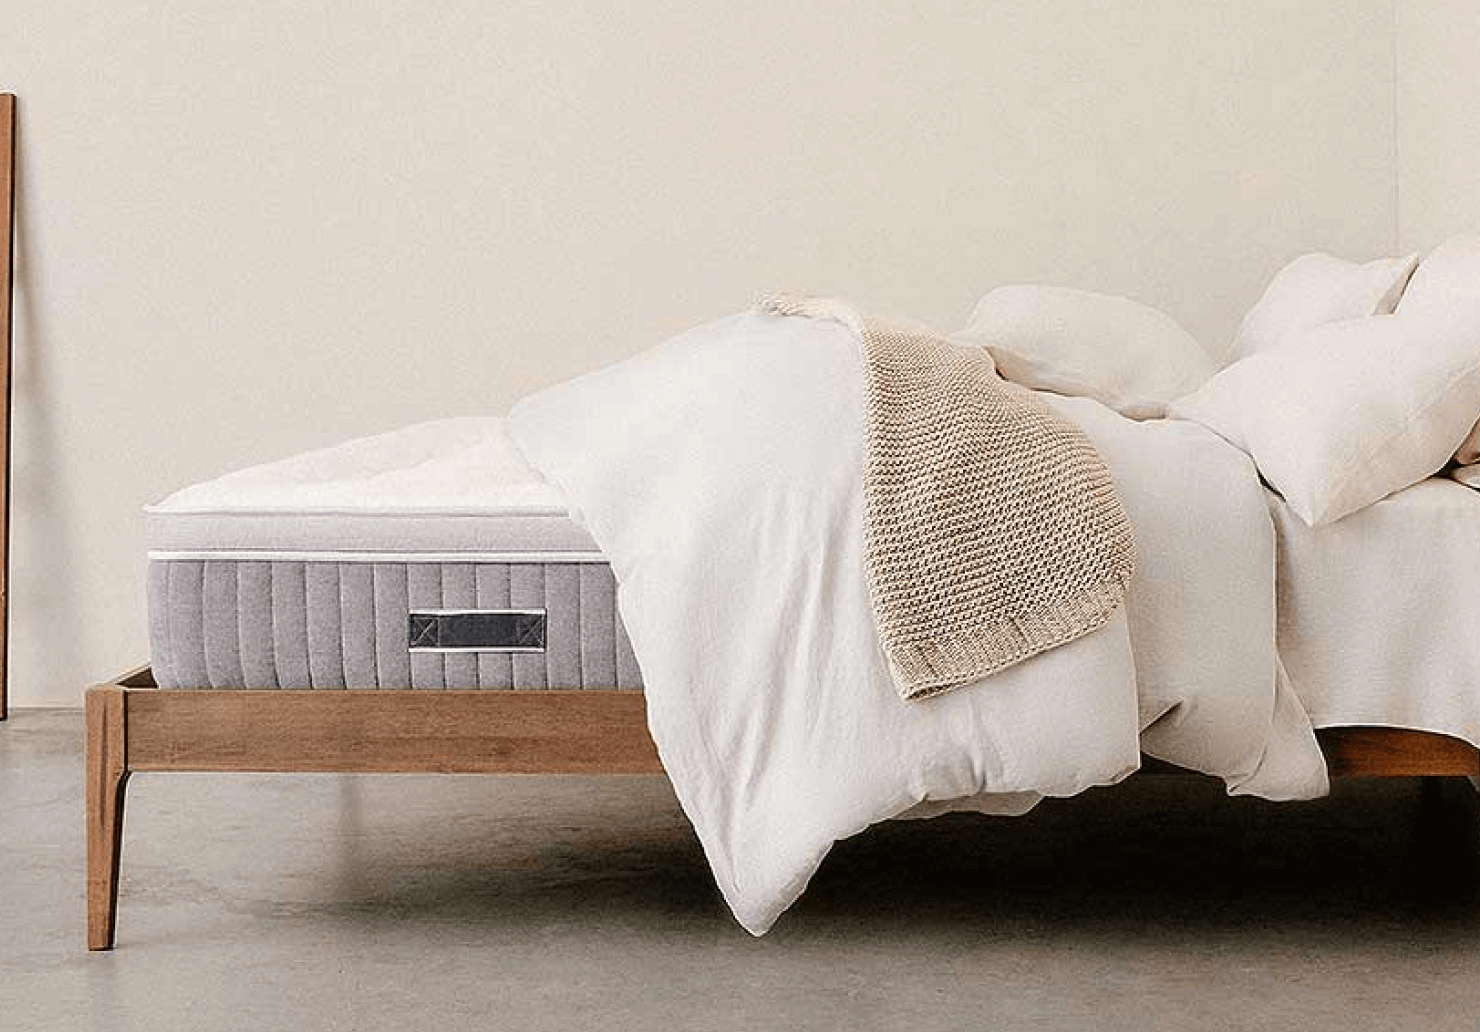 awara sleep mattress review pillows